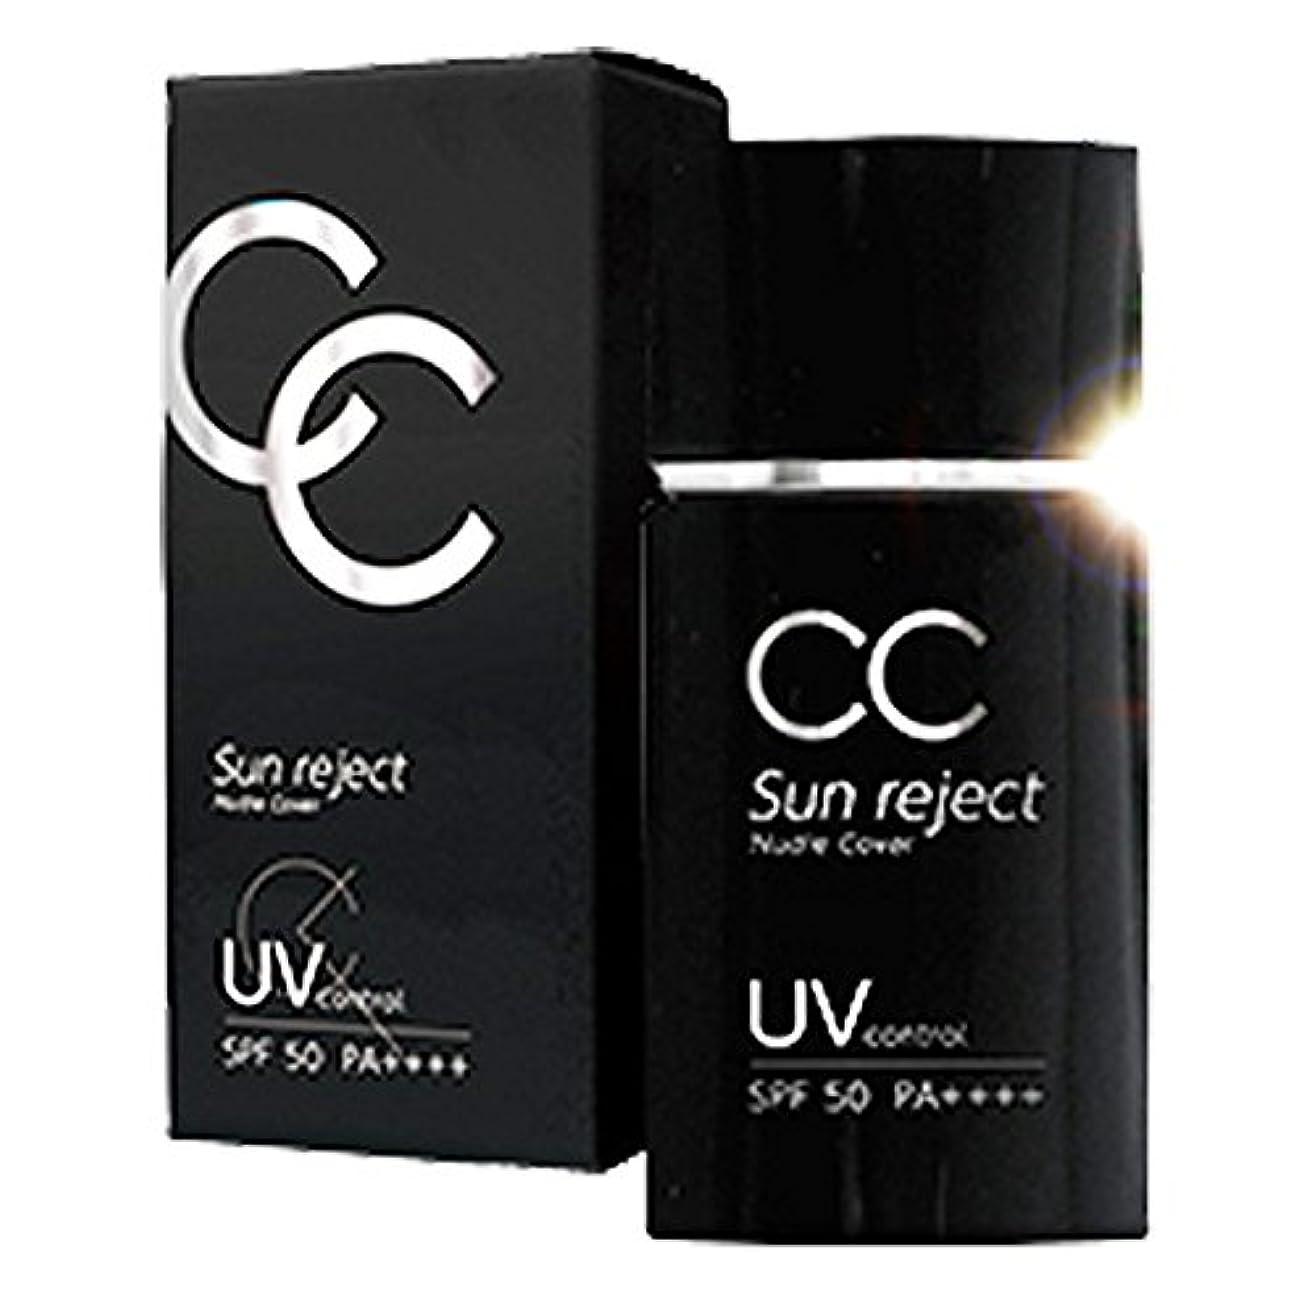 ずるい薬理学ワットエヴリワン UV control サンリジェクト Nudie Cover 30ml